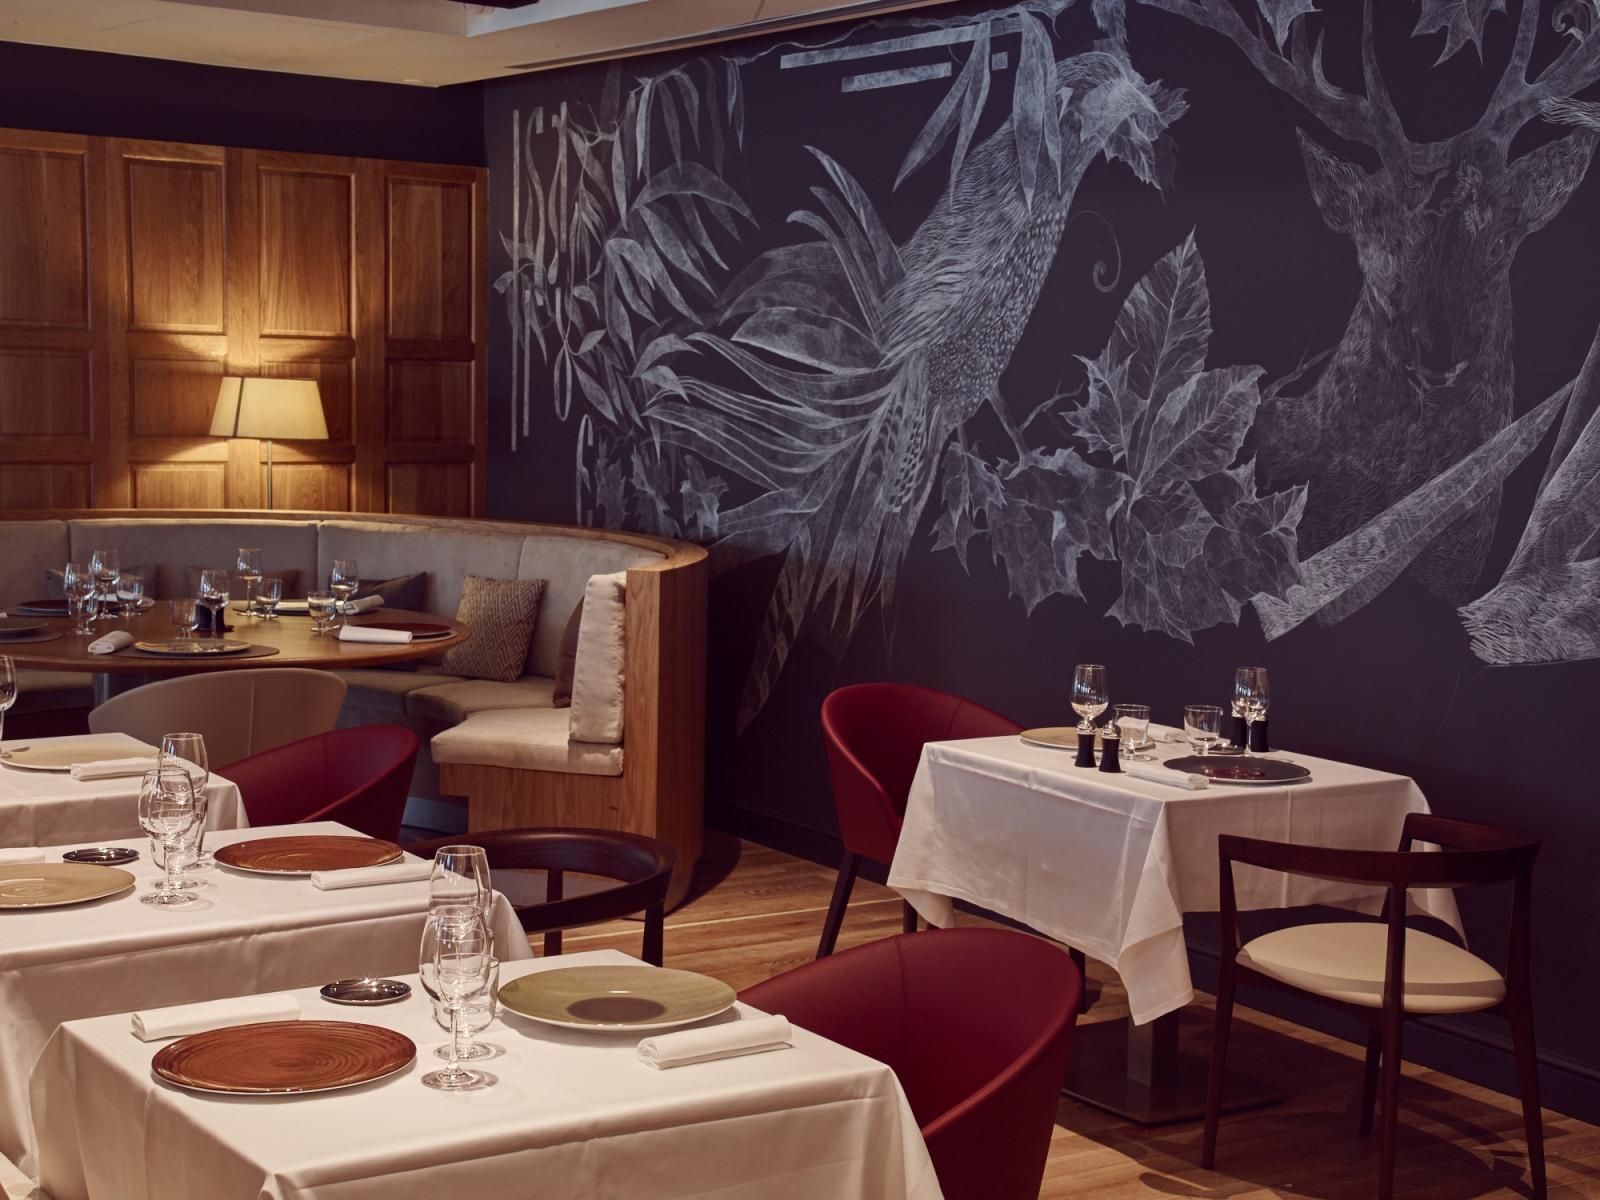 la-demeure-du-parc-restaurant-la-table-du-parc-size-433029-1600-1200